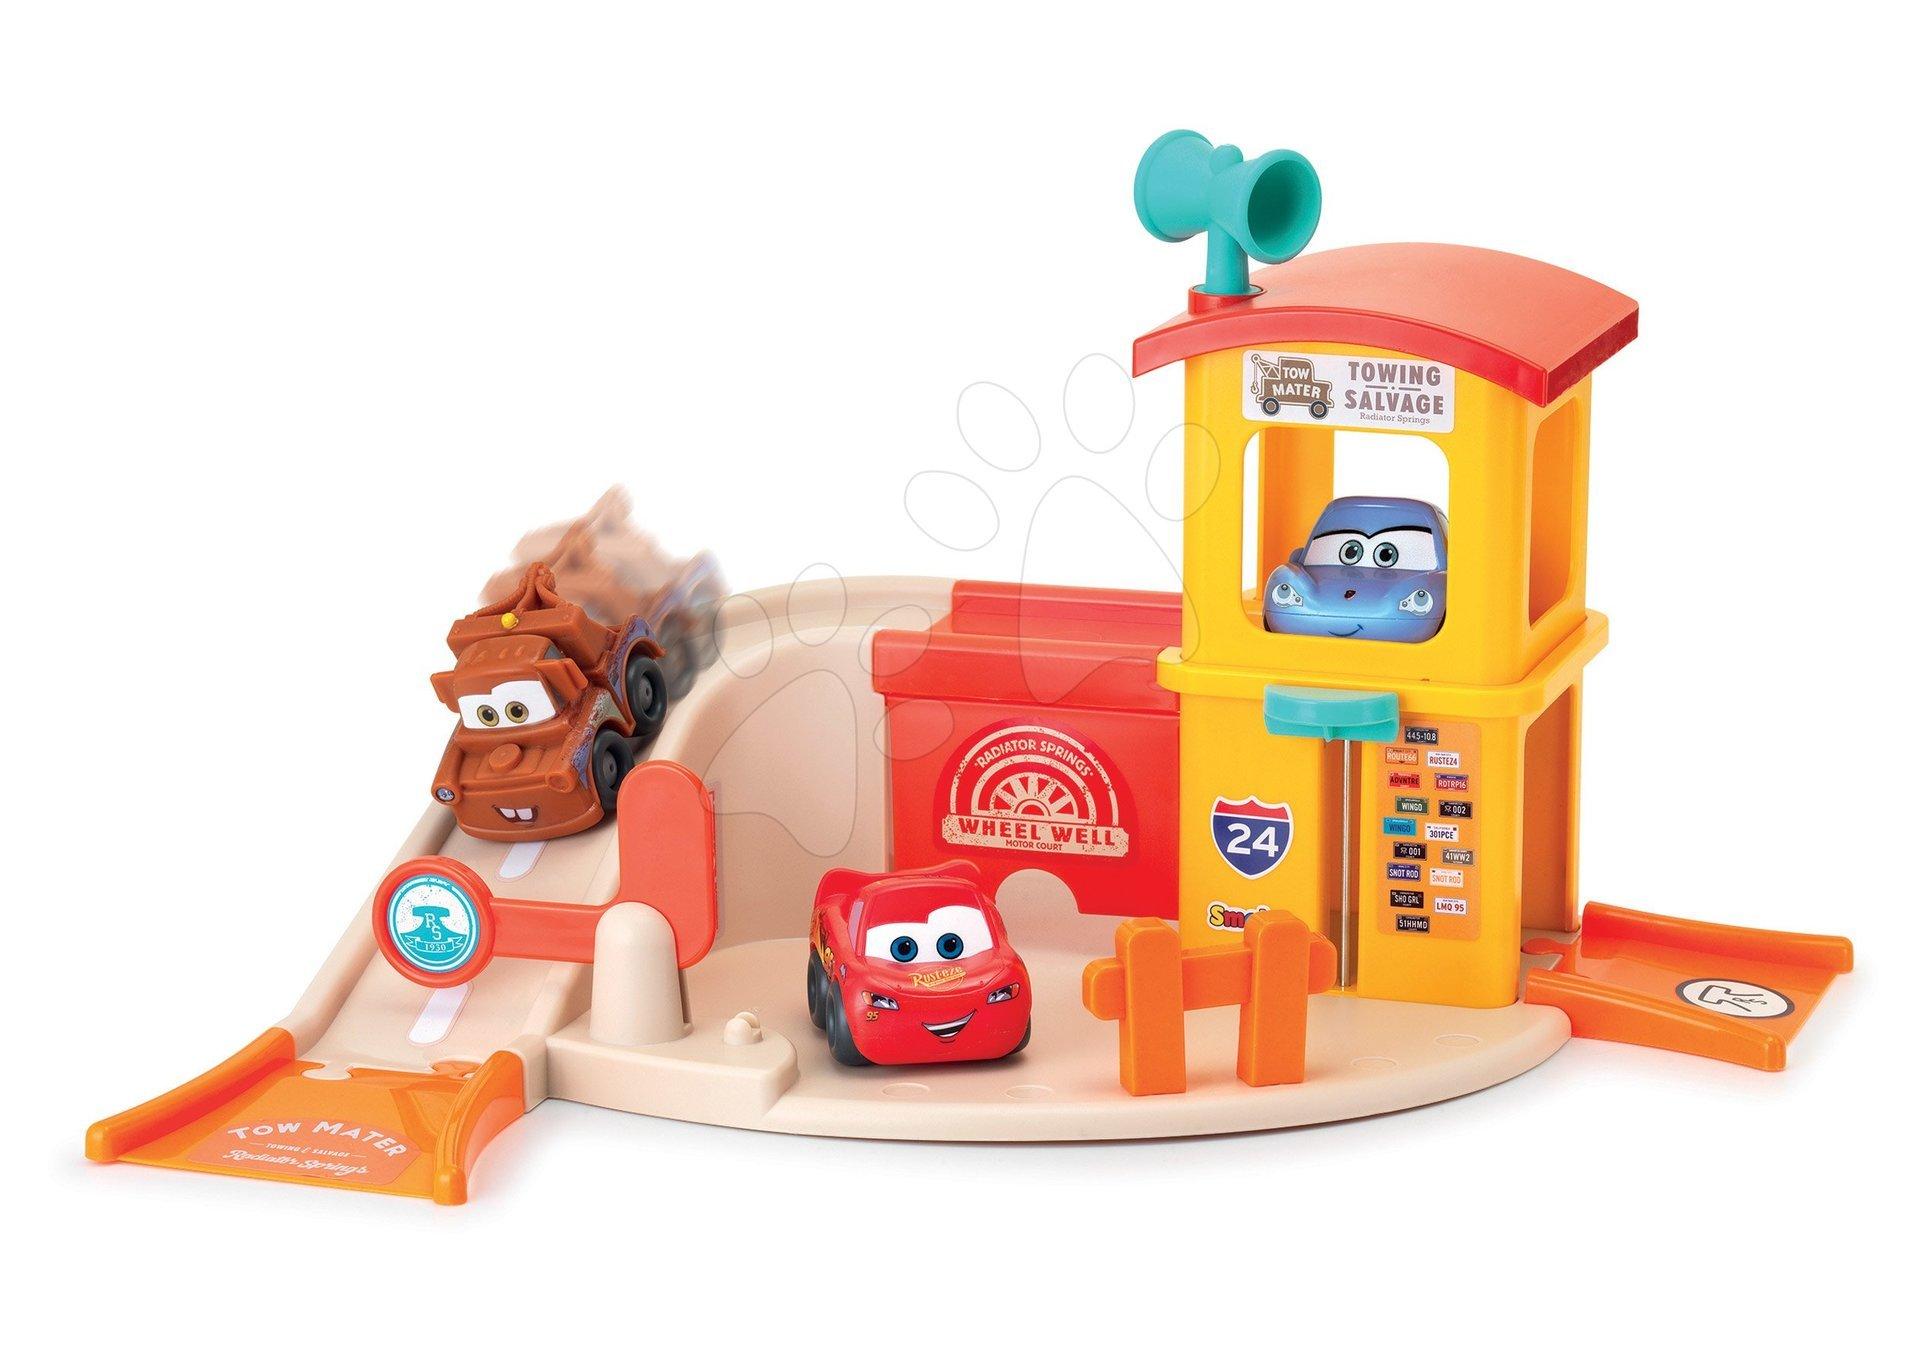 Garaža z dvigalom Vroom Planet Cars 1st Garage Smoby z avtomobilčkom in različnimi funkcijami od 18 mes